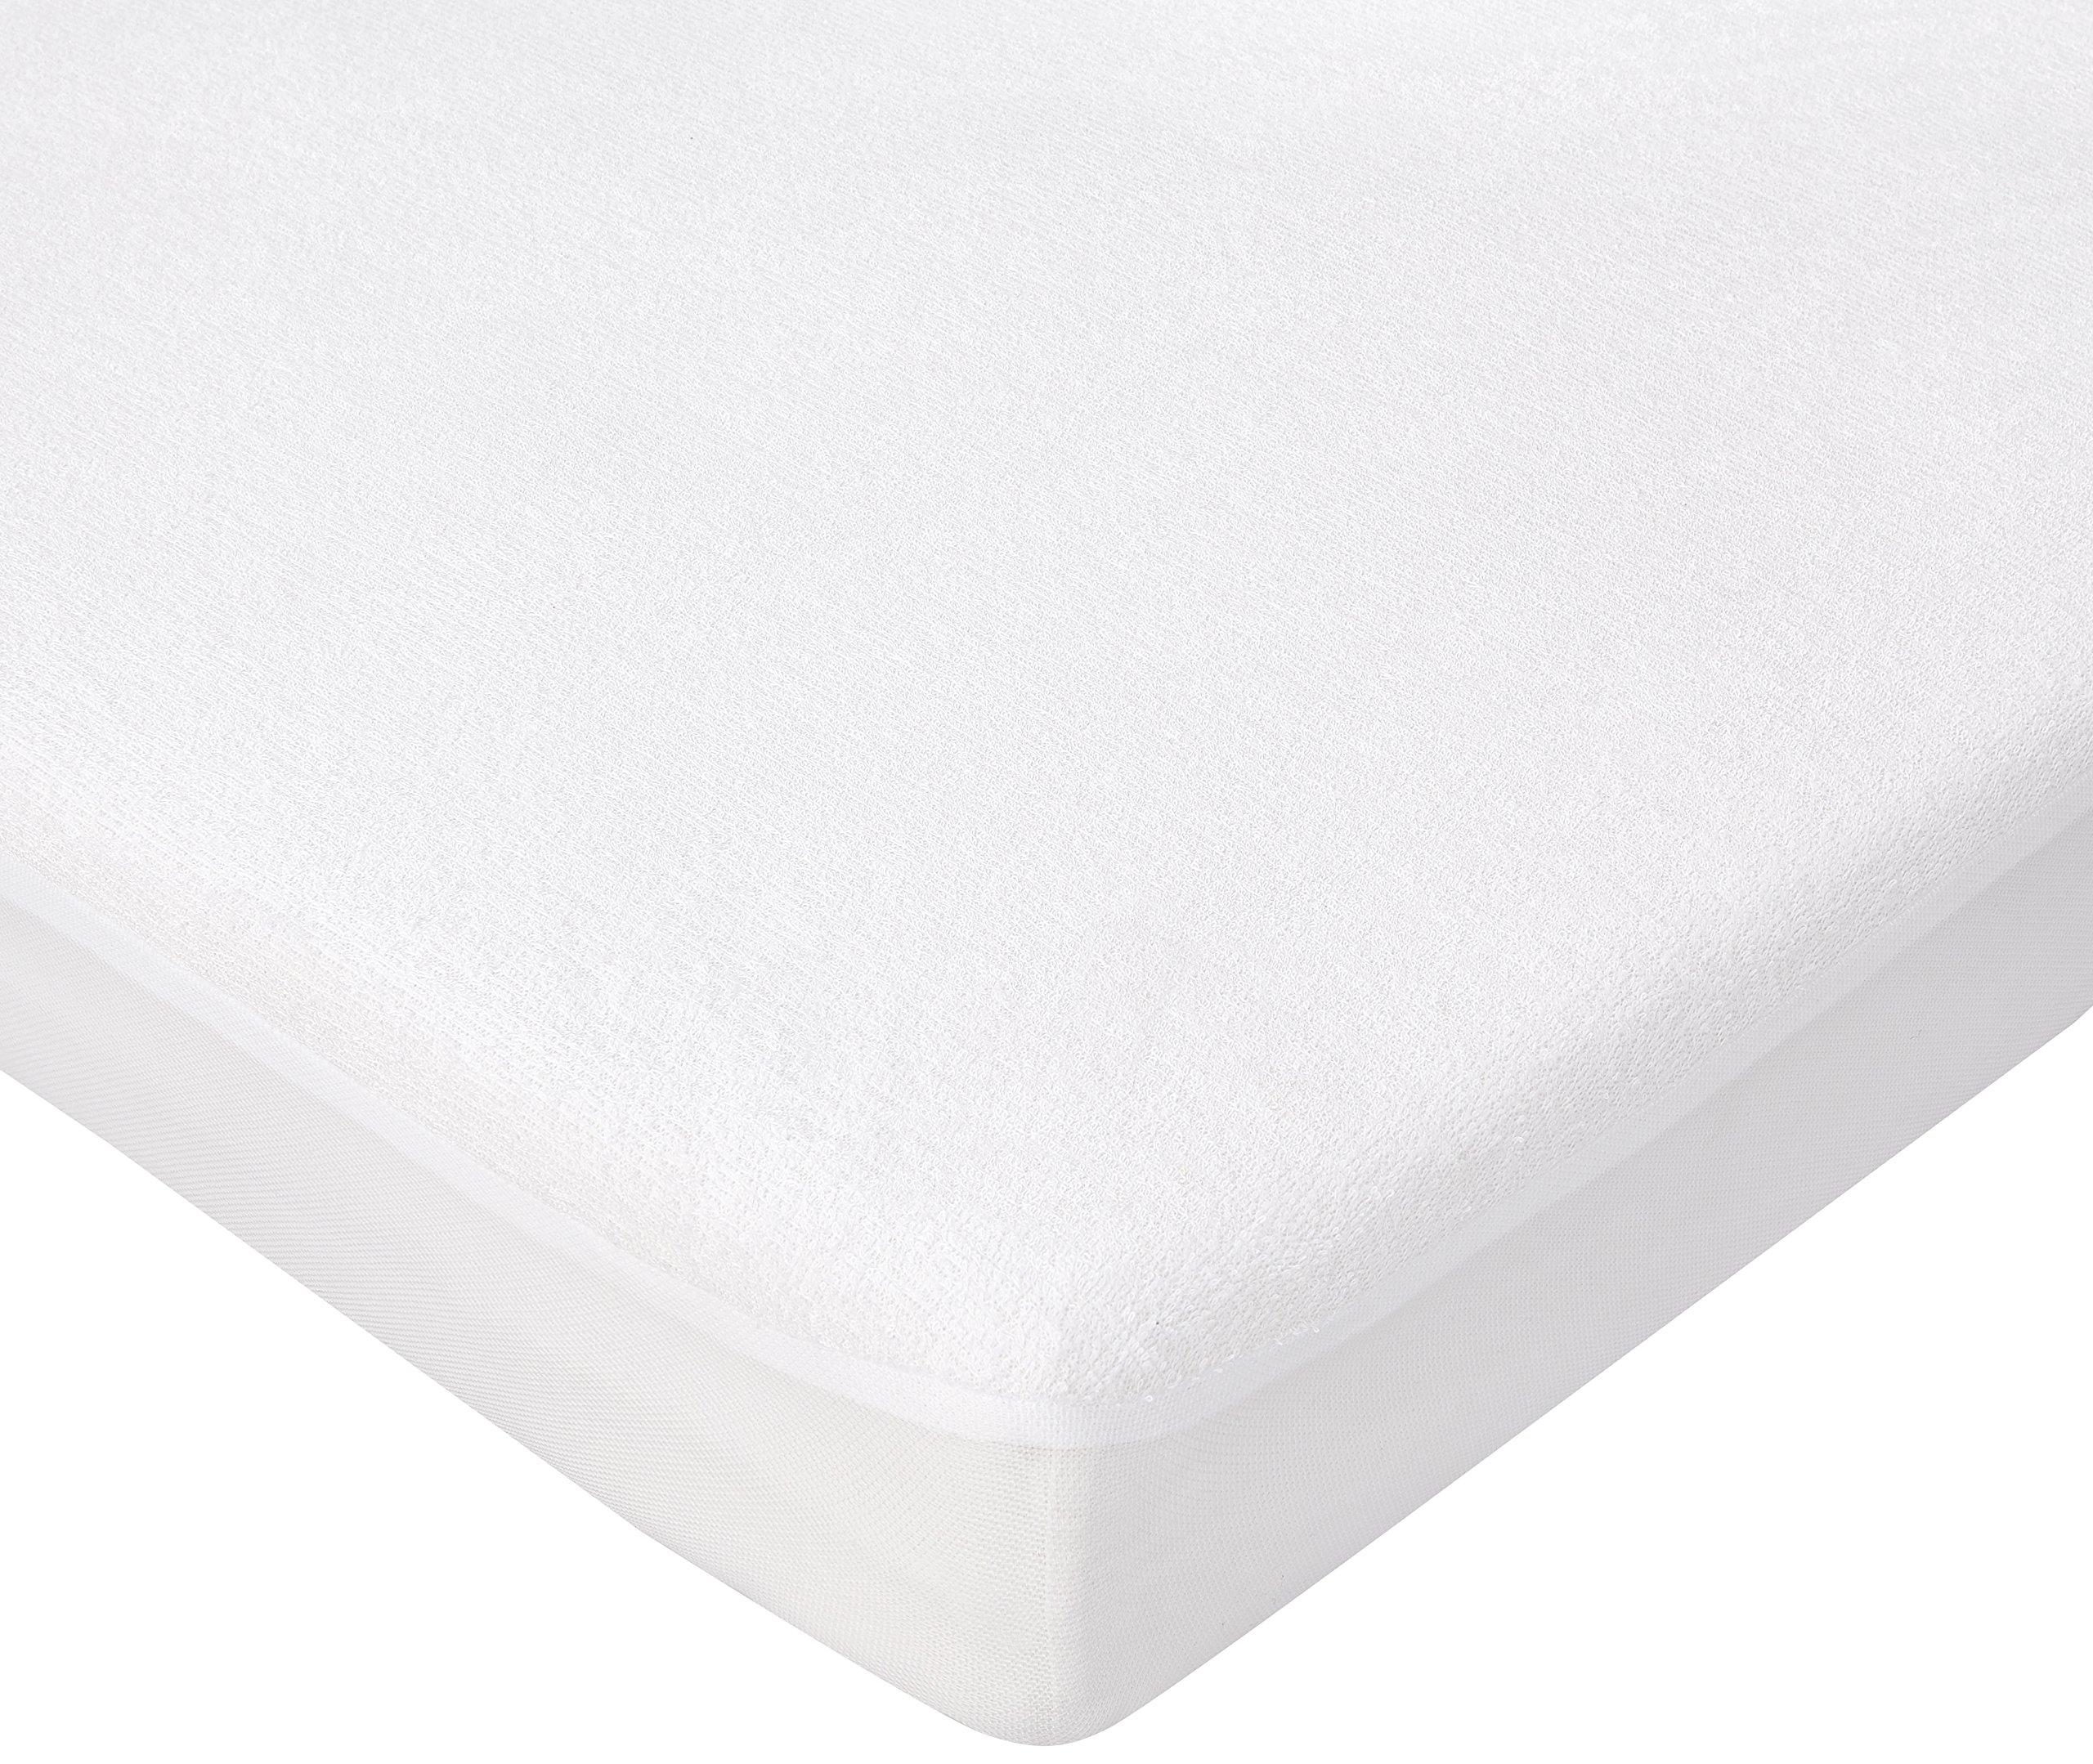 Tre chili sette Coprimaterasso per materasso per lettino Bianco